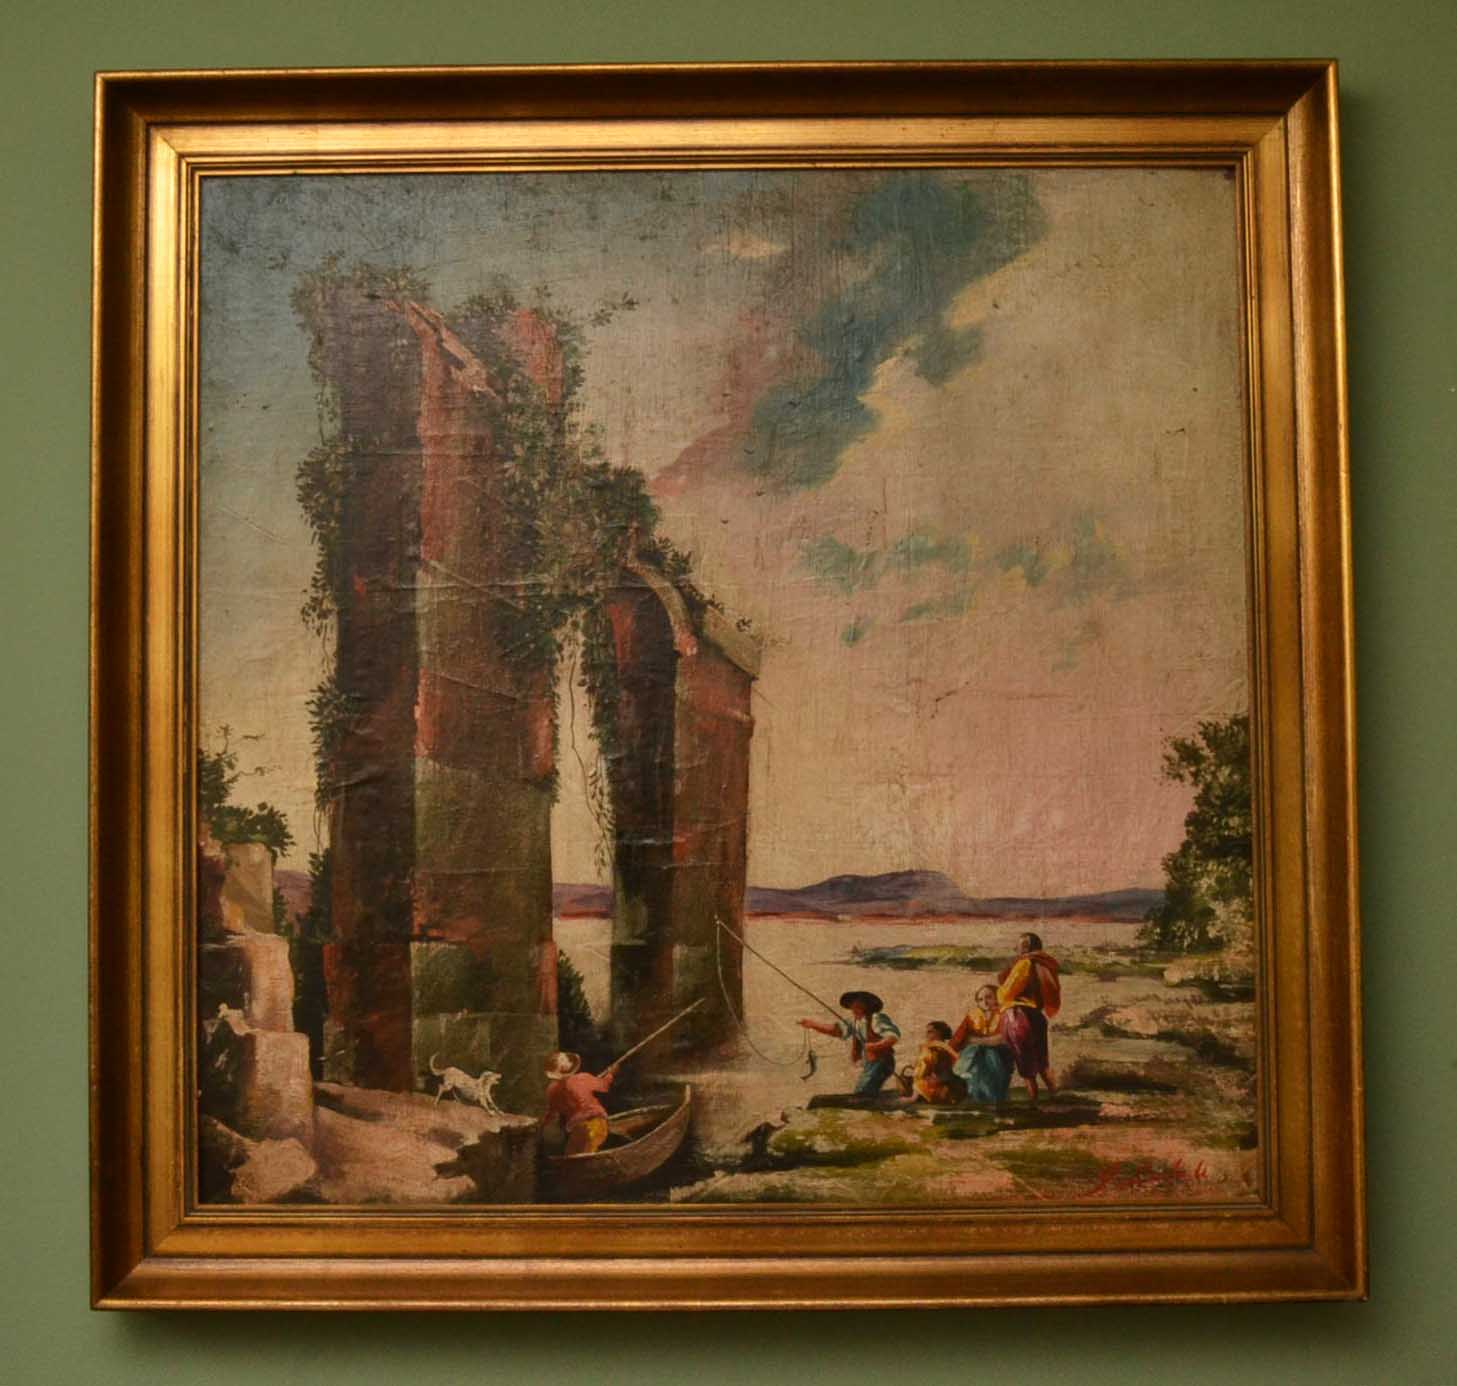 Vintage Oil Painting Ref No 03804 Regent Antiques